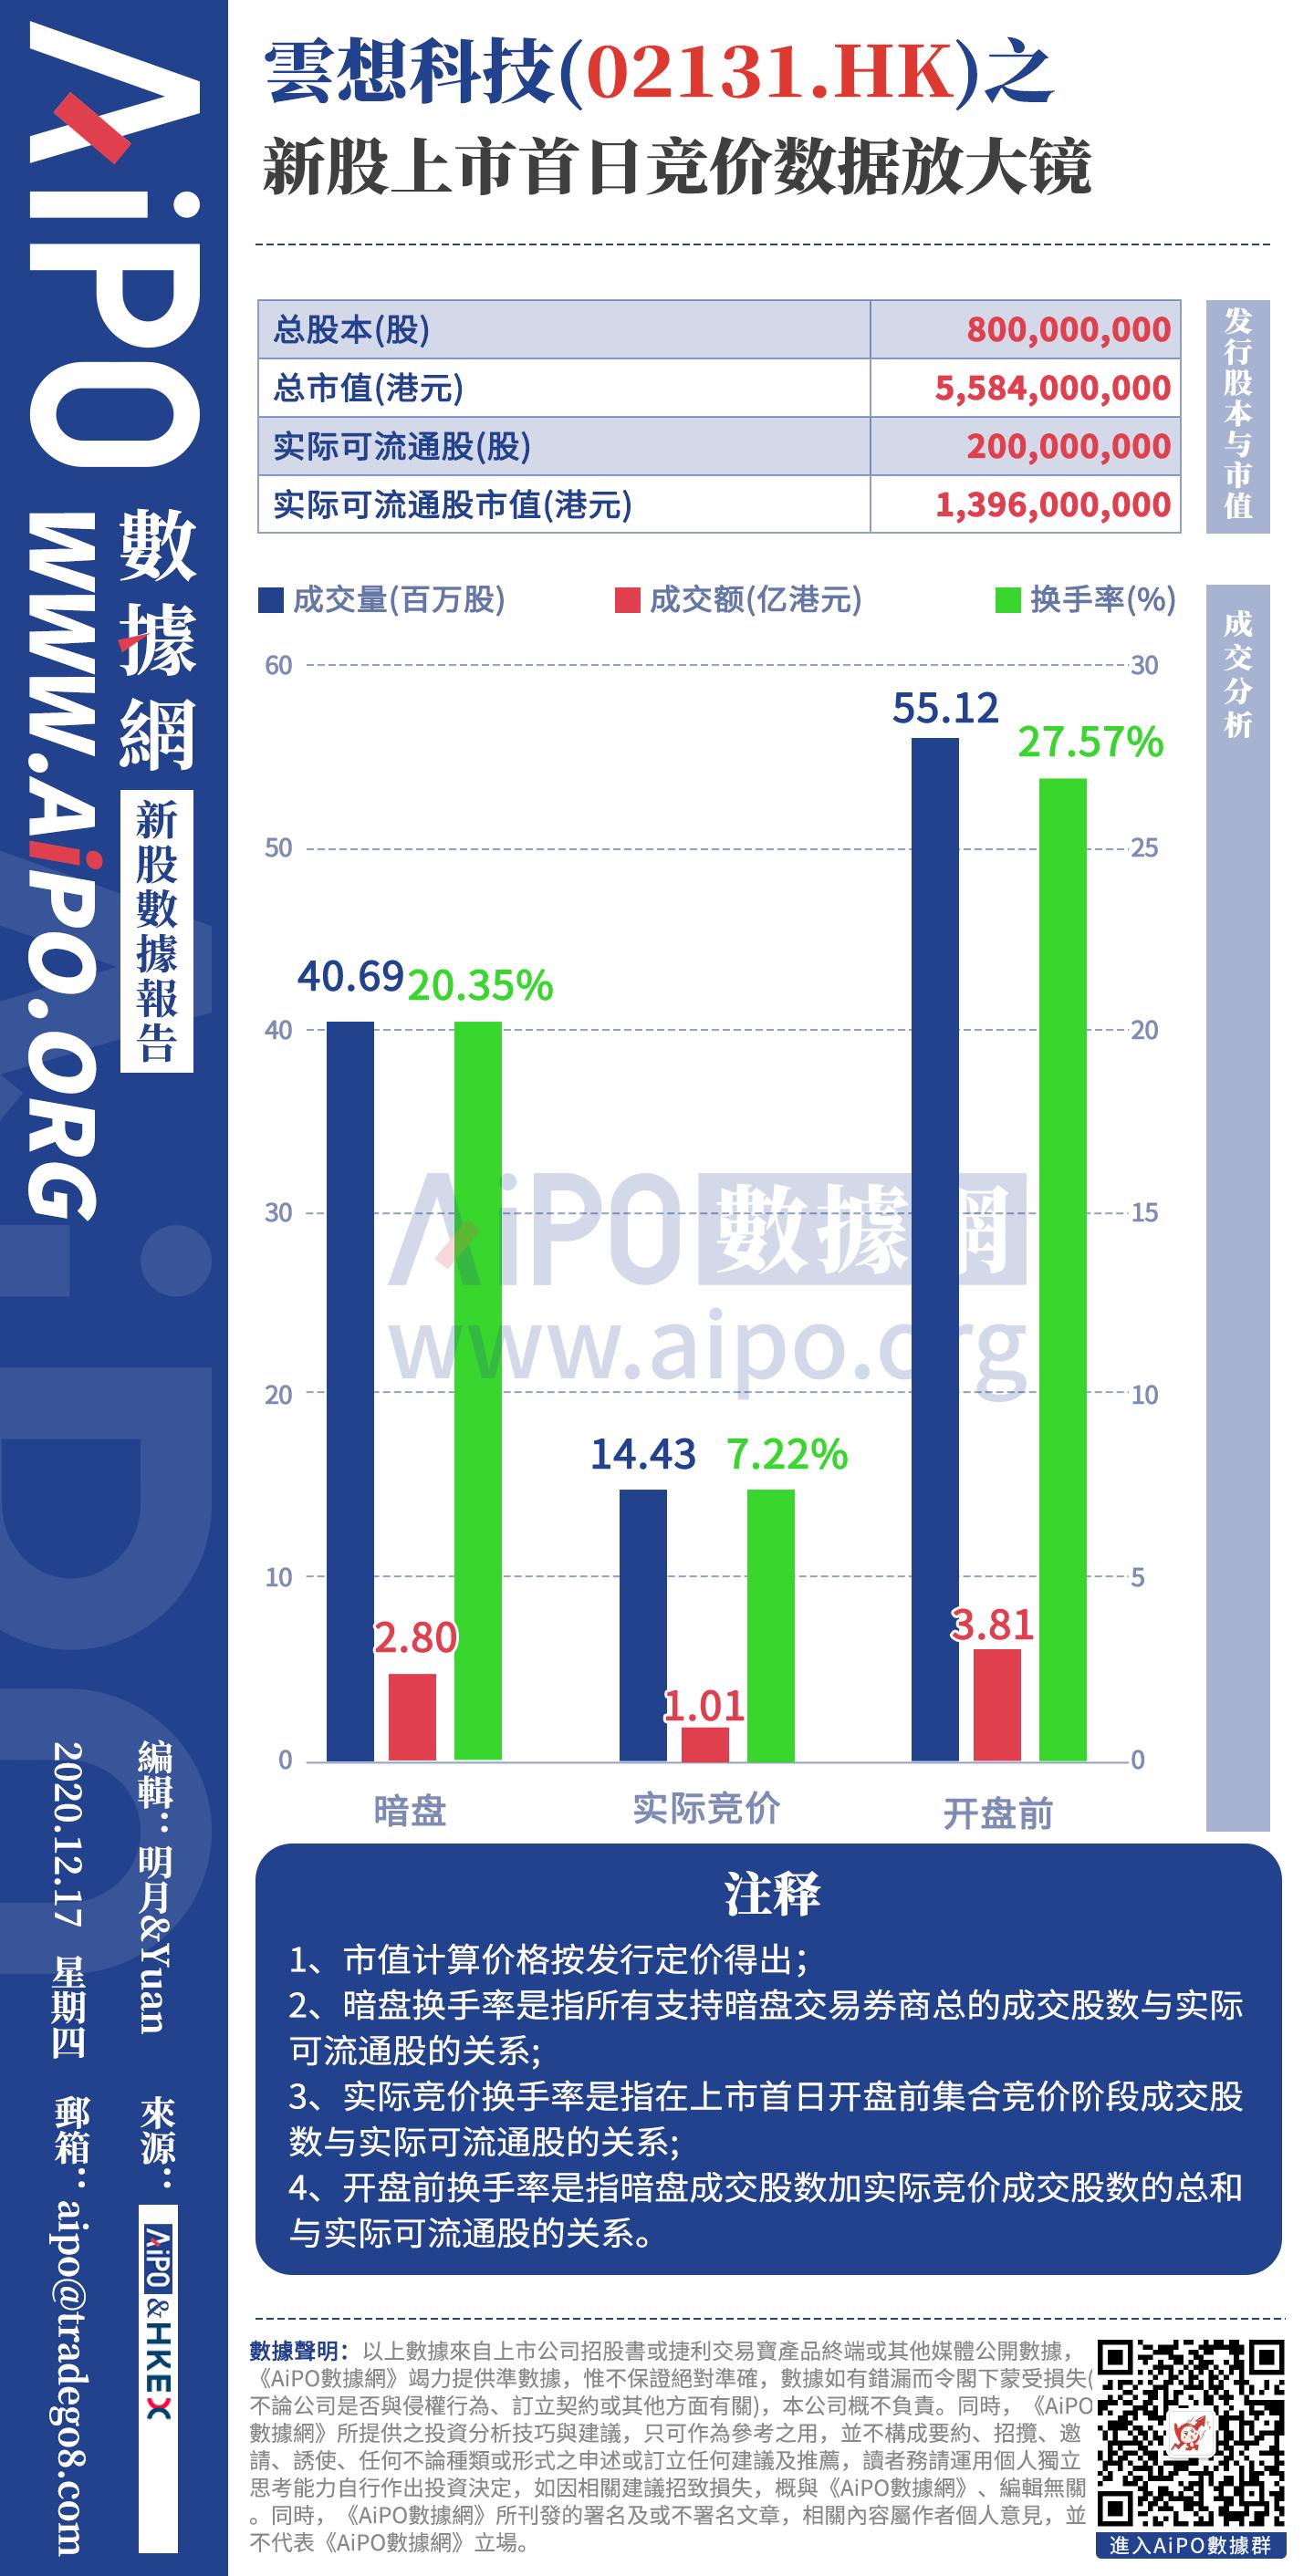 云想科技(02131.HK)之新股上市首日競價數據放大鏡.png